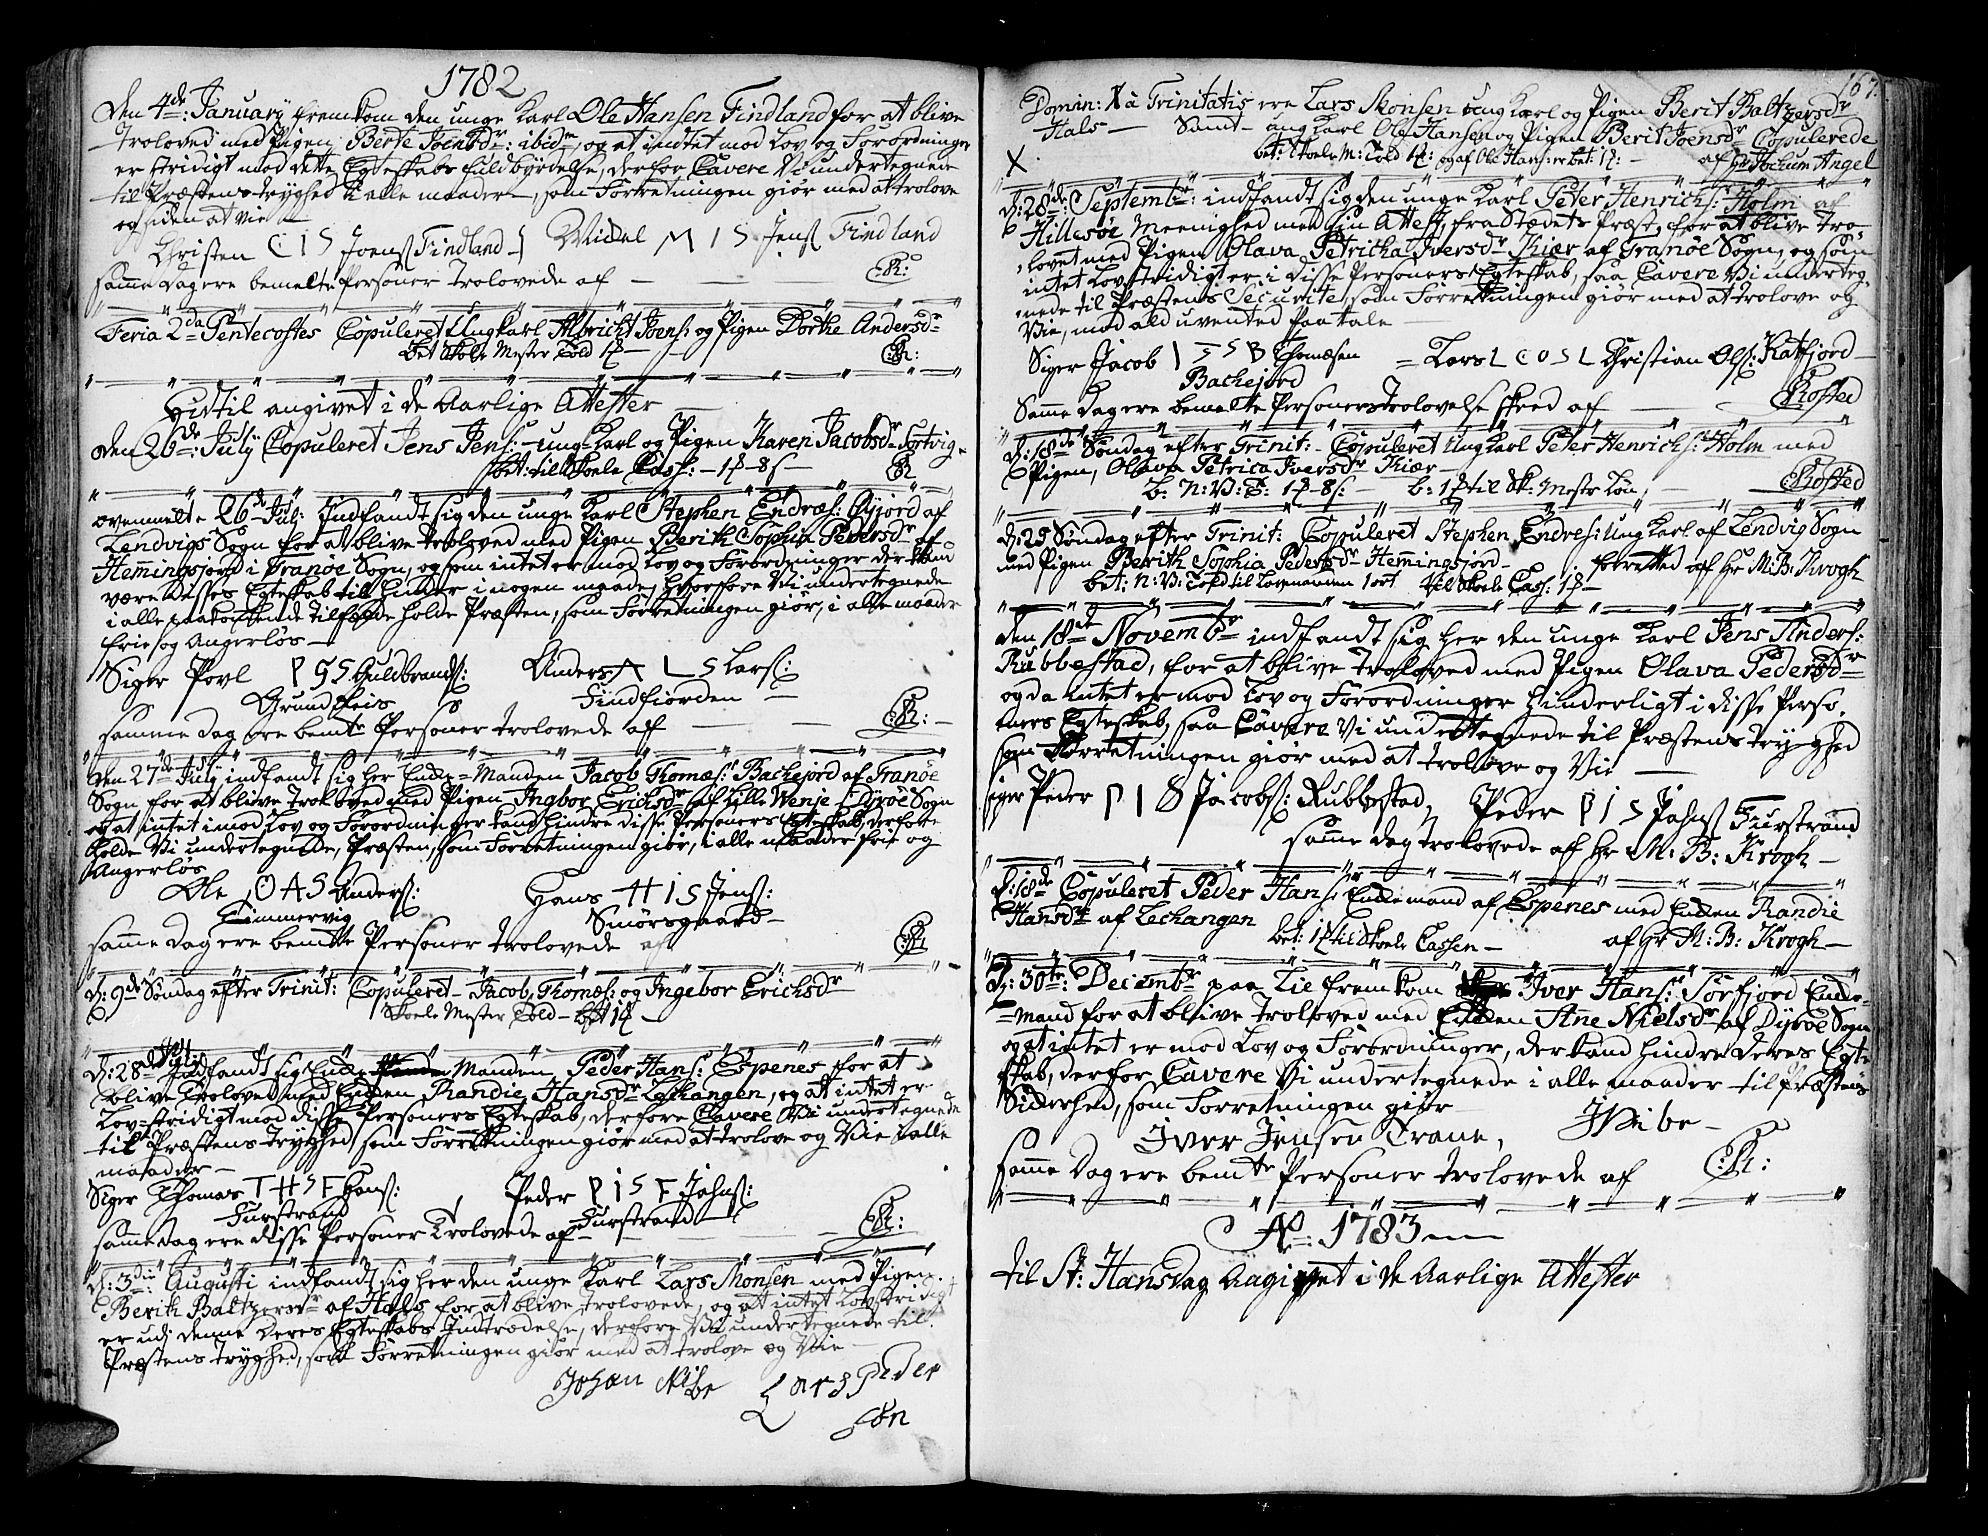 SATØ, Tranøy sokneprestkontor, I/Ia/Iaa/L0002kirke: Parish register (official) no. 2, 1773-1806, p. 167